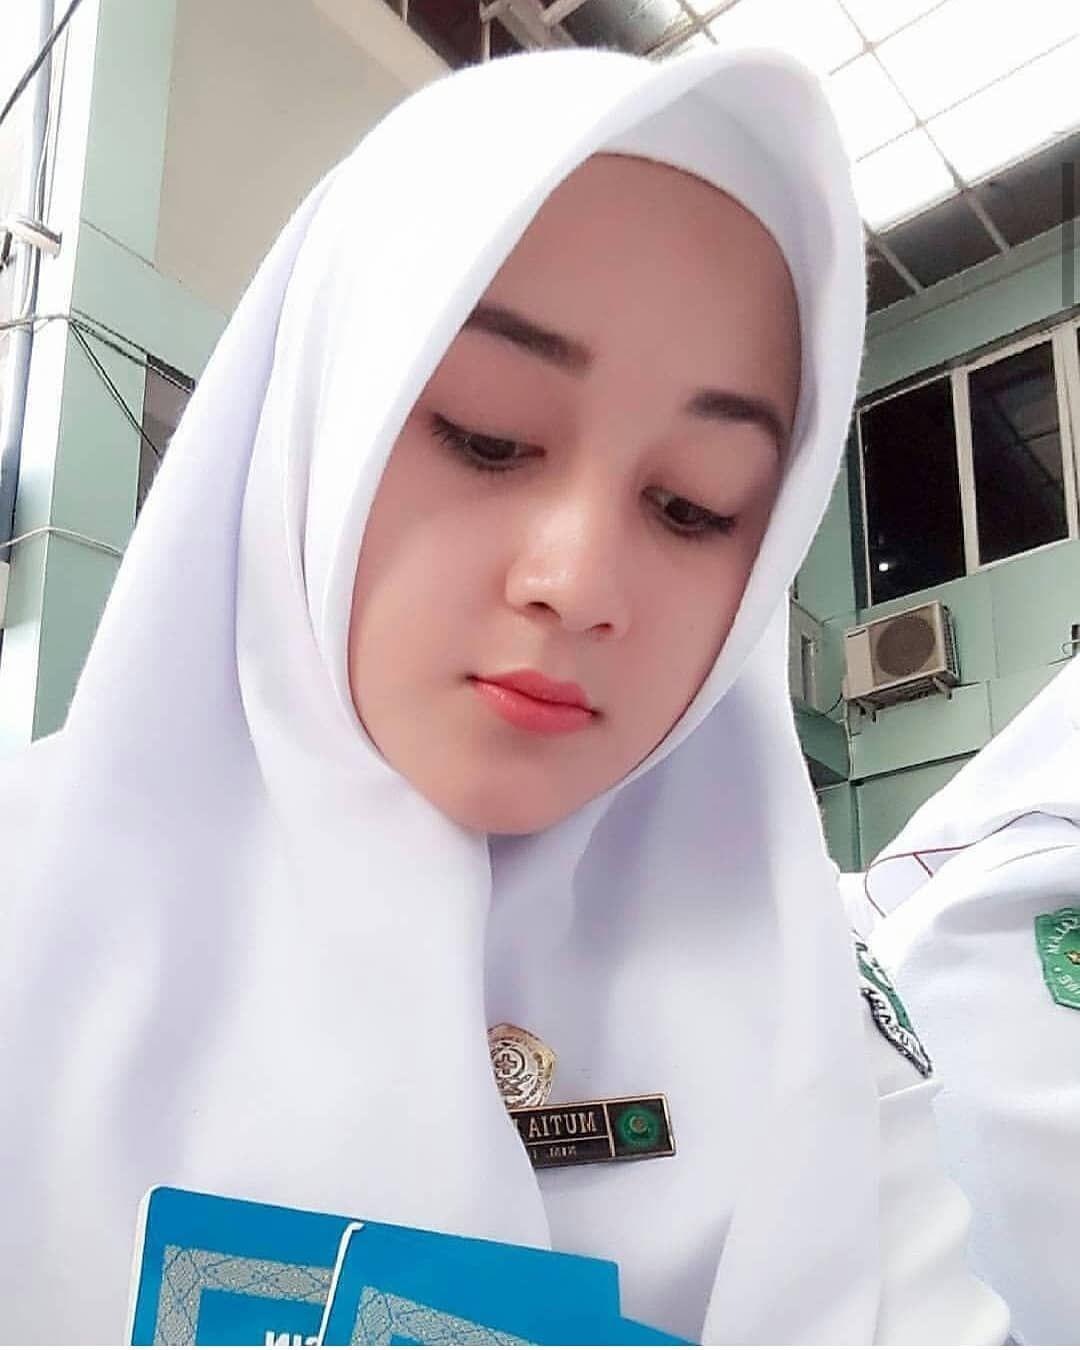 Jwpoker Situs Poker Online Domino Qq Terpercaya Maria Poker Online Kecantikan Gadis Cantik Jilbab Cantik